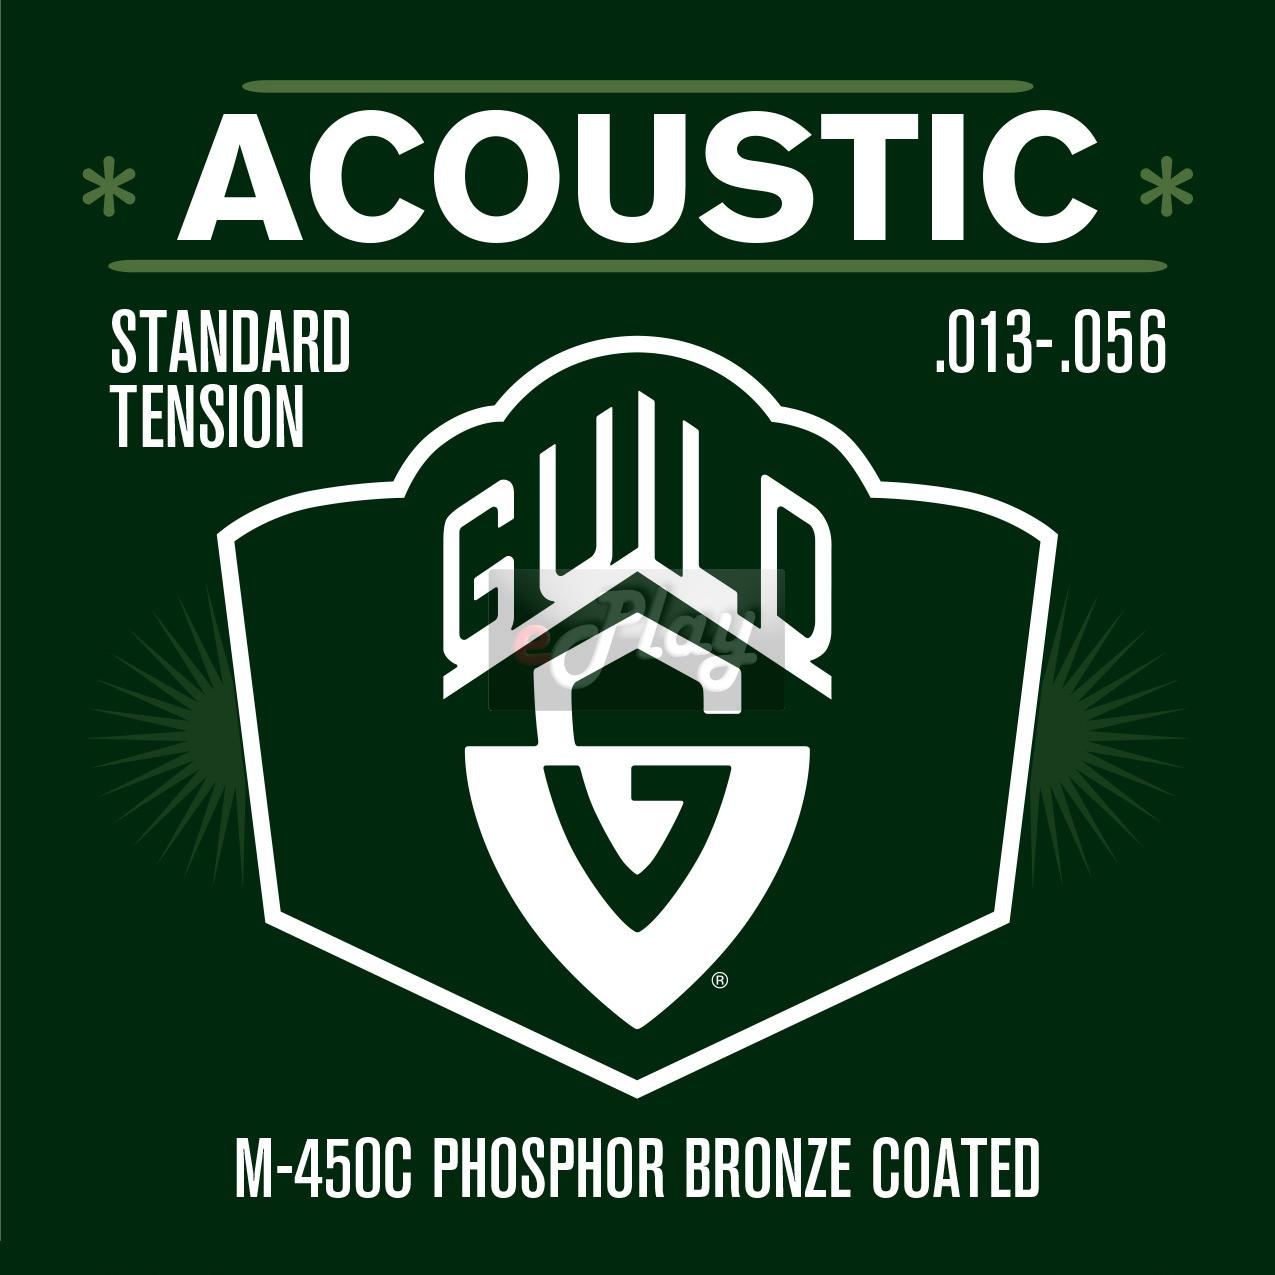 Guild M-450C .013-.056